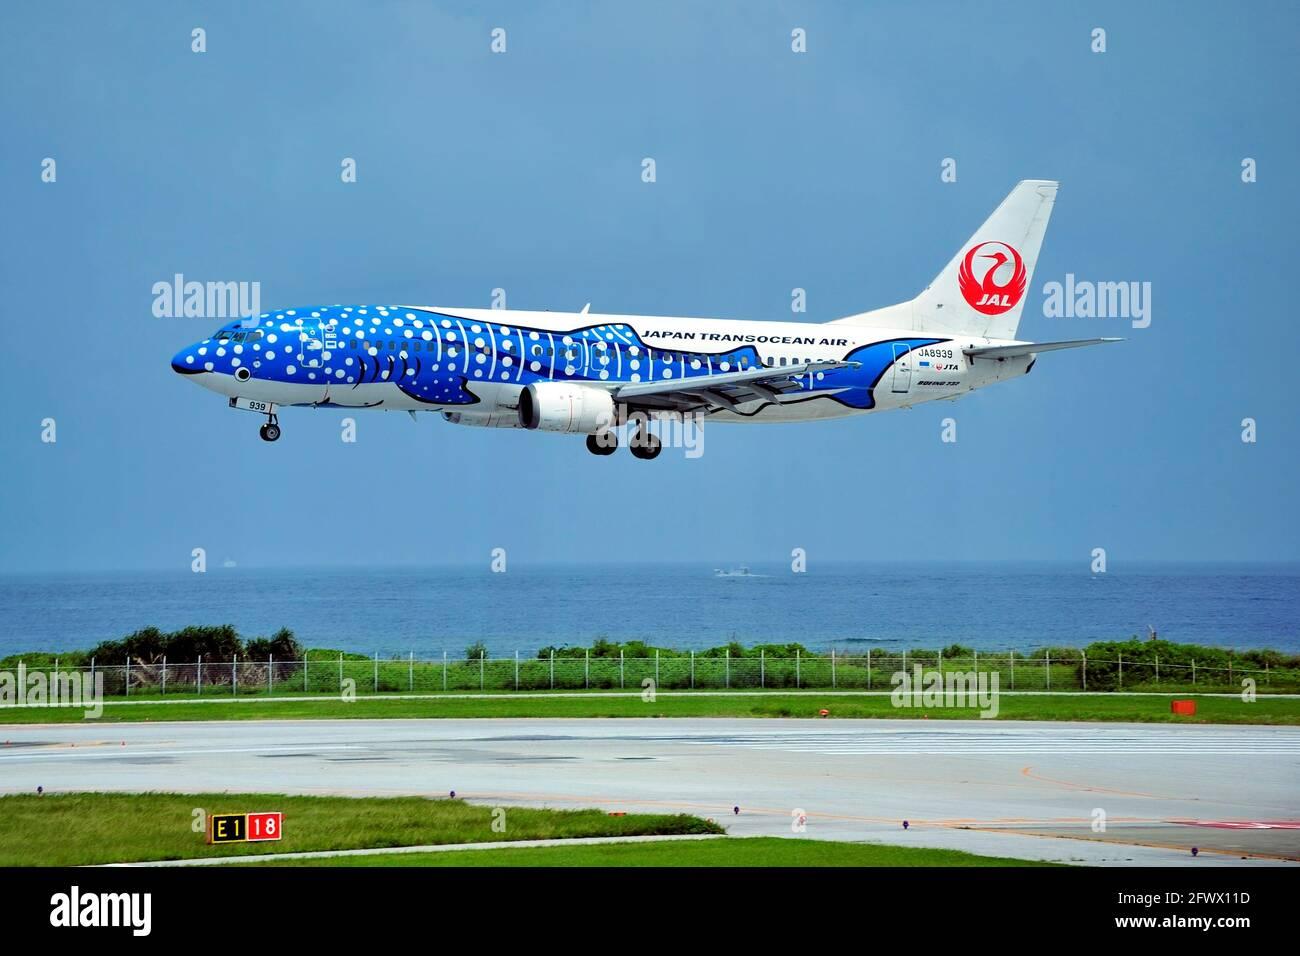 Japan Transocean Air, JTA, Boeing B-737/400, JA8939, Blue Whaleshark,  Landing, Naha Airport, Naha, Okinawa, Ryukyu Islands, Japan Stock Photo